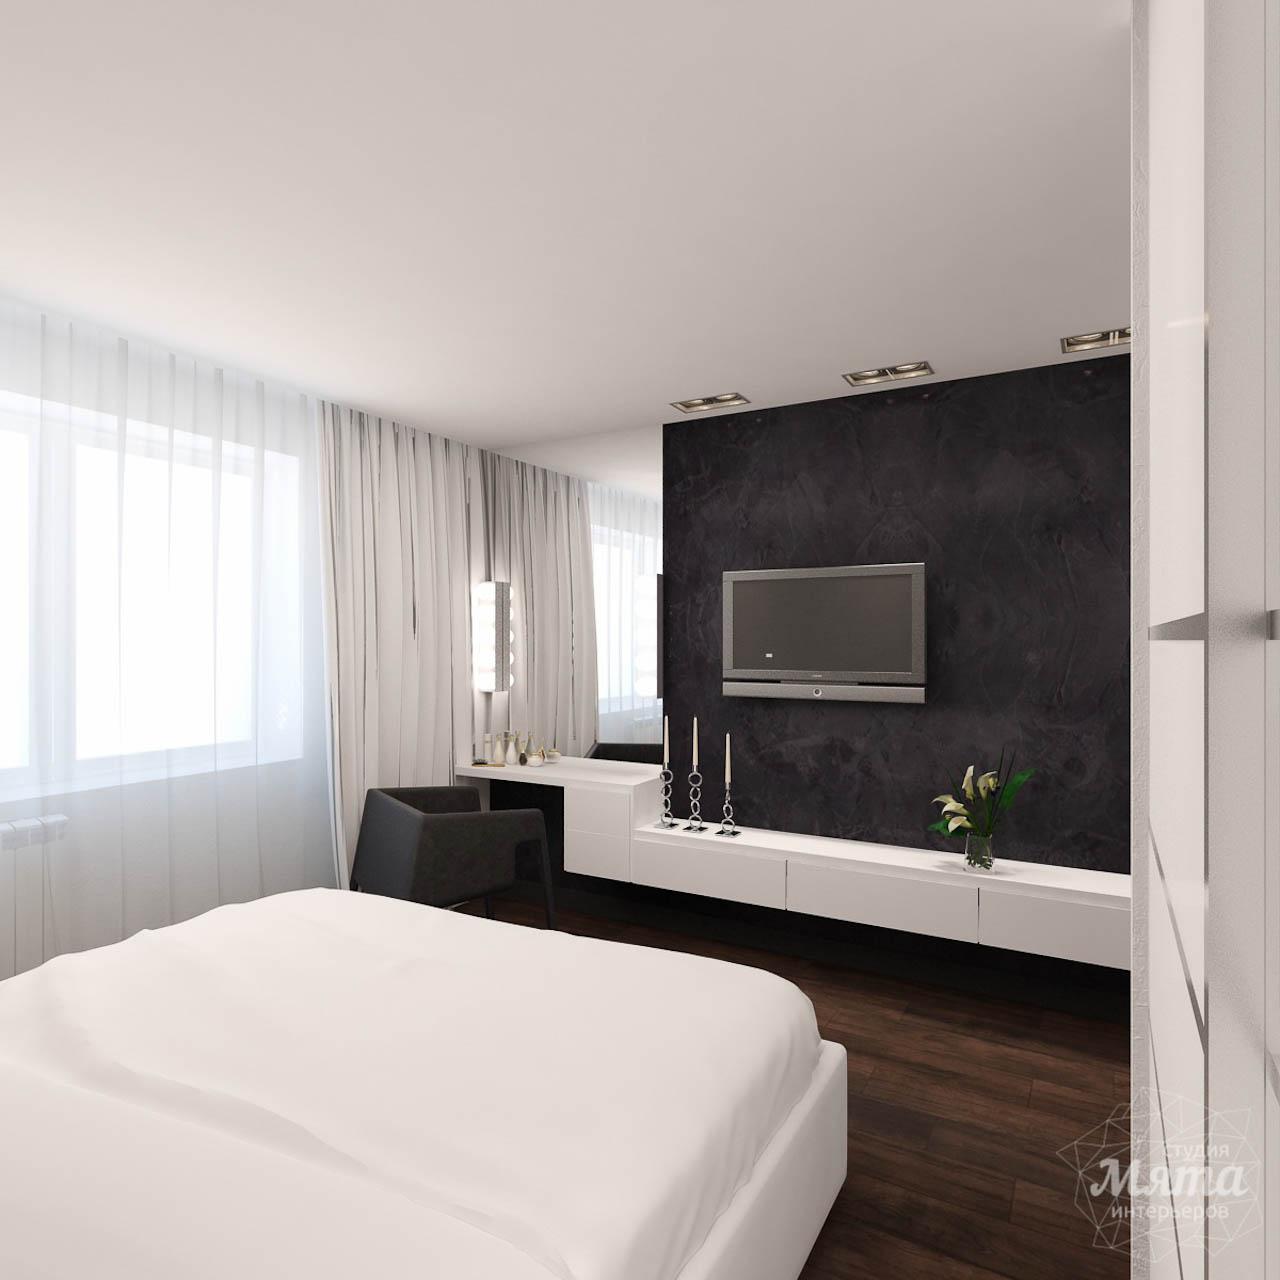 Дизайн интерьера однокомнатной квартиры по ул. Гагарина 27 img525699300